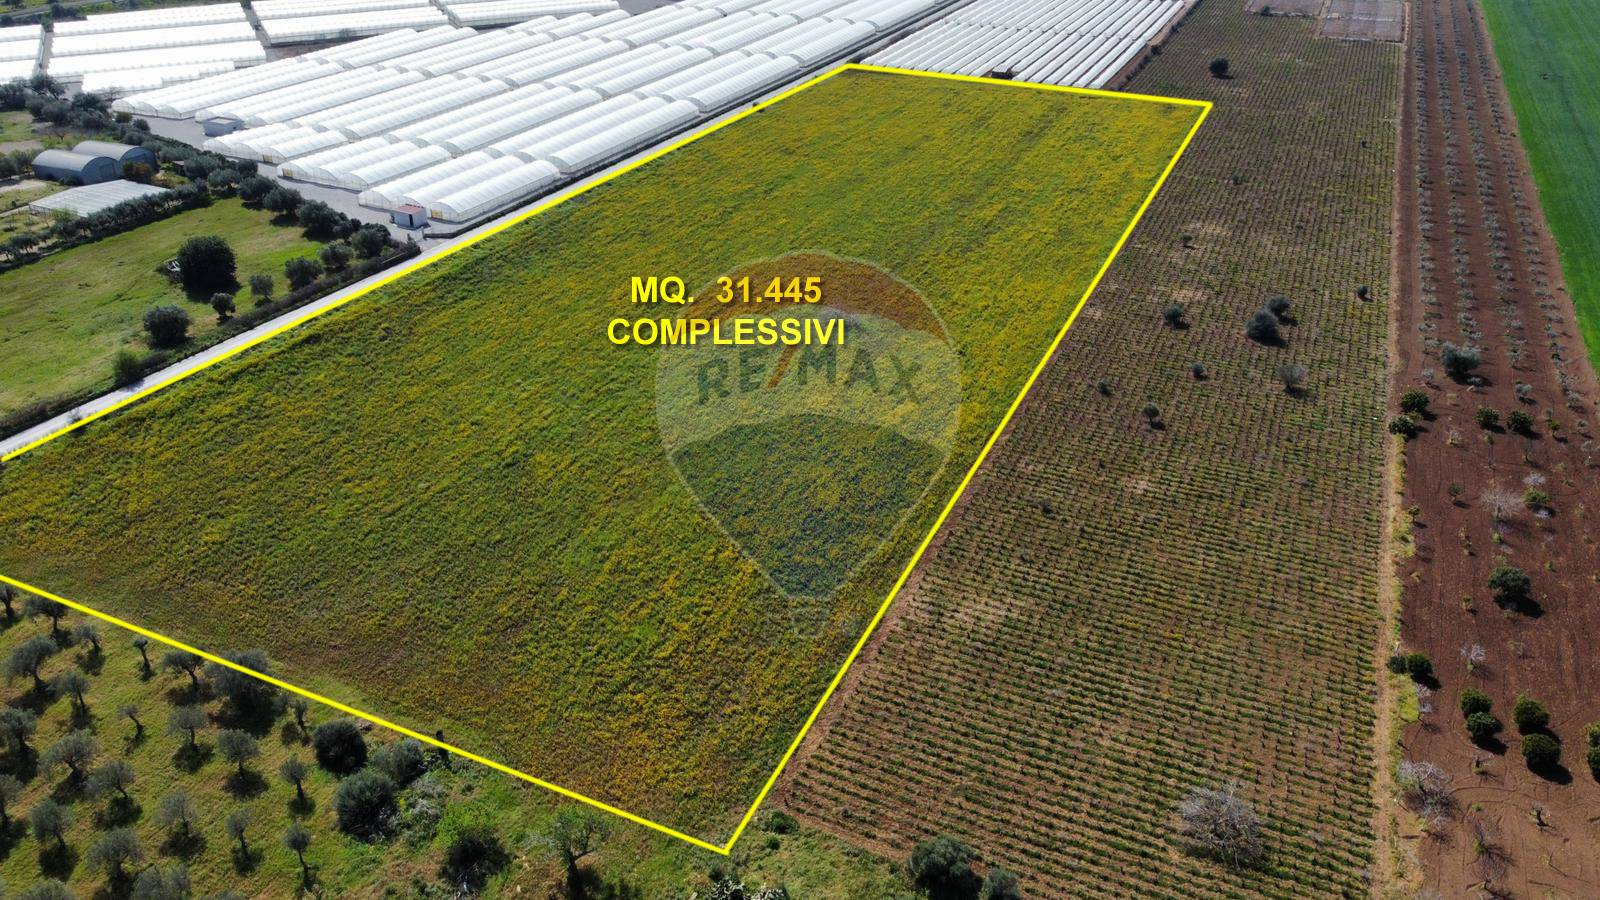 Terreno Agricolo in vendita a Noto, 9999 locali, prezzo € 230.000 | CambioCasa.it